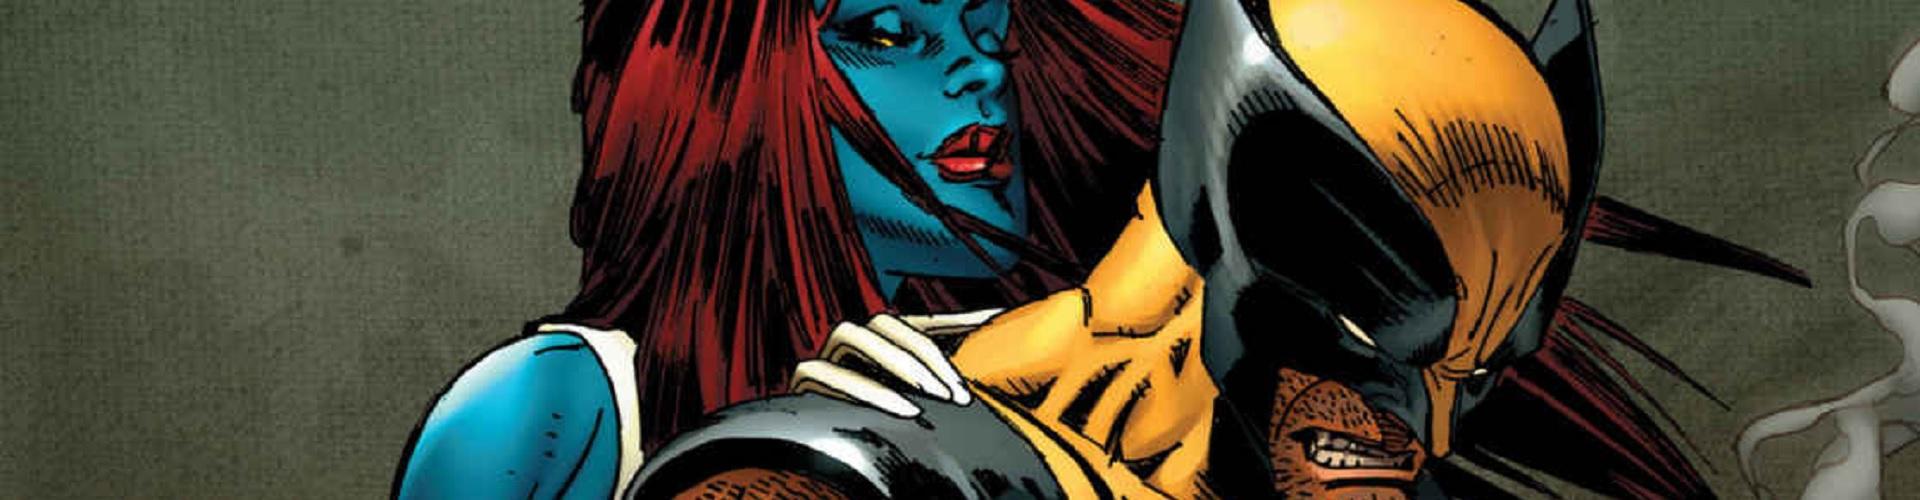 On Sale This Week: Wolverine & More